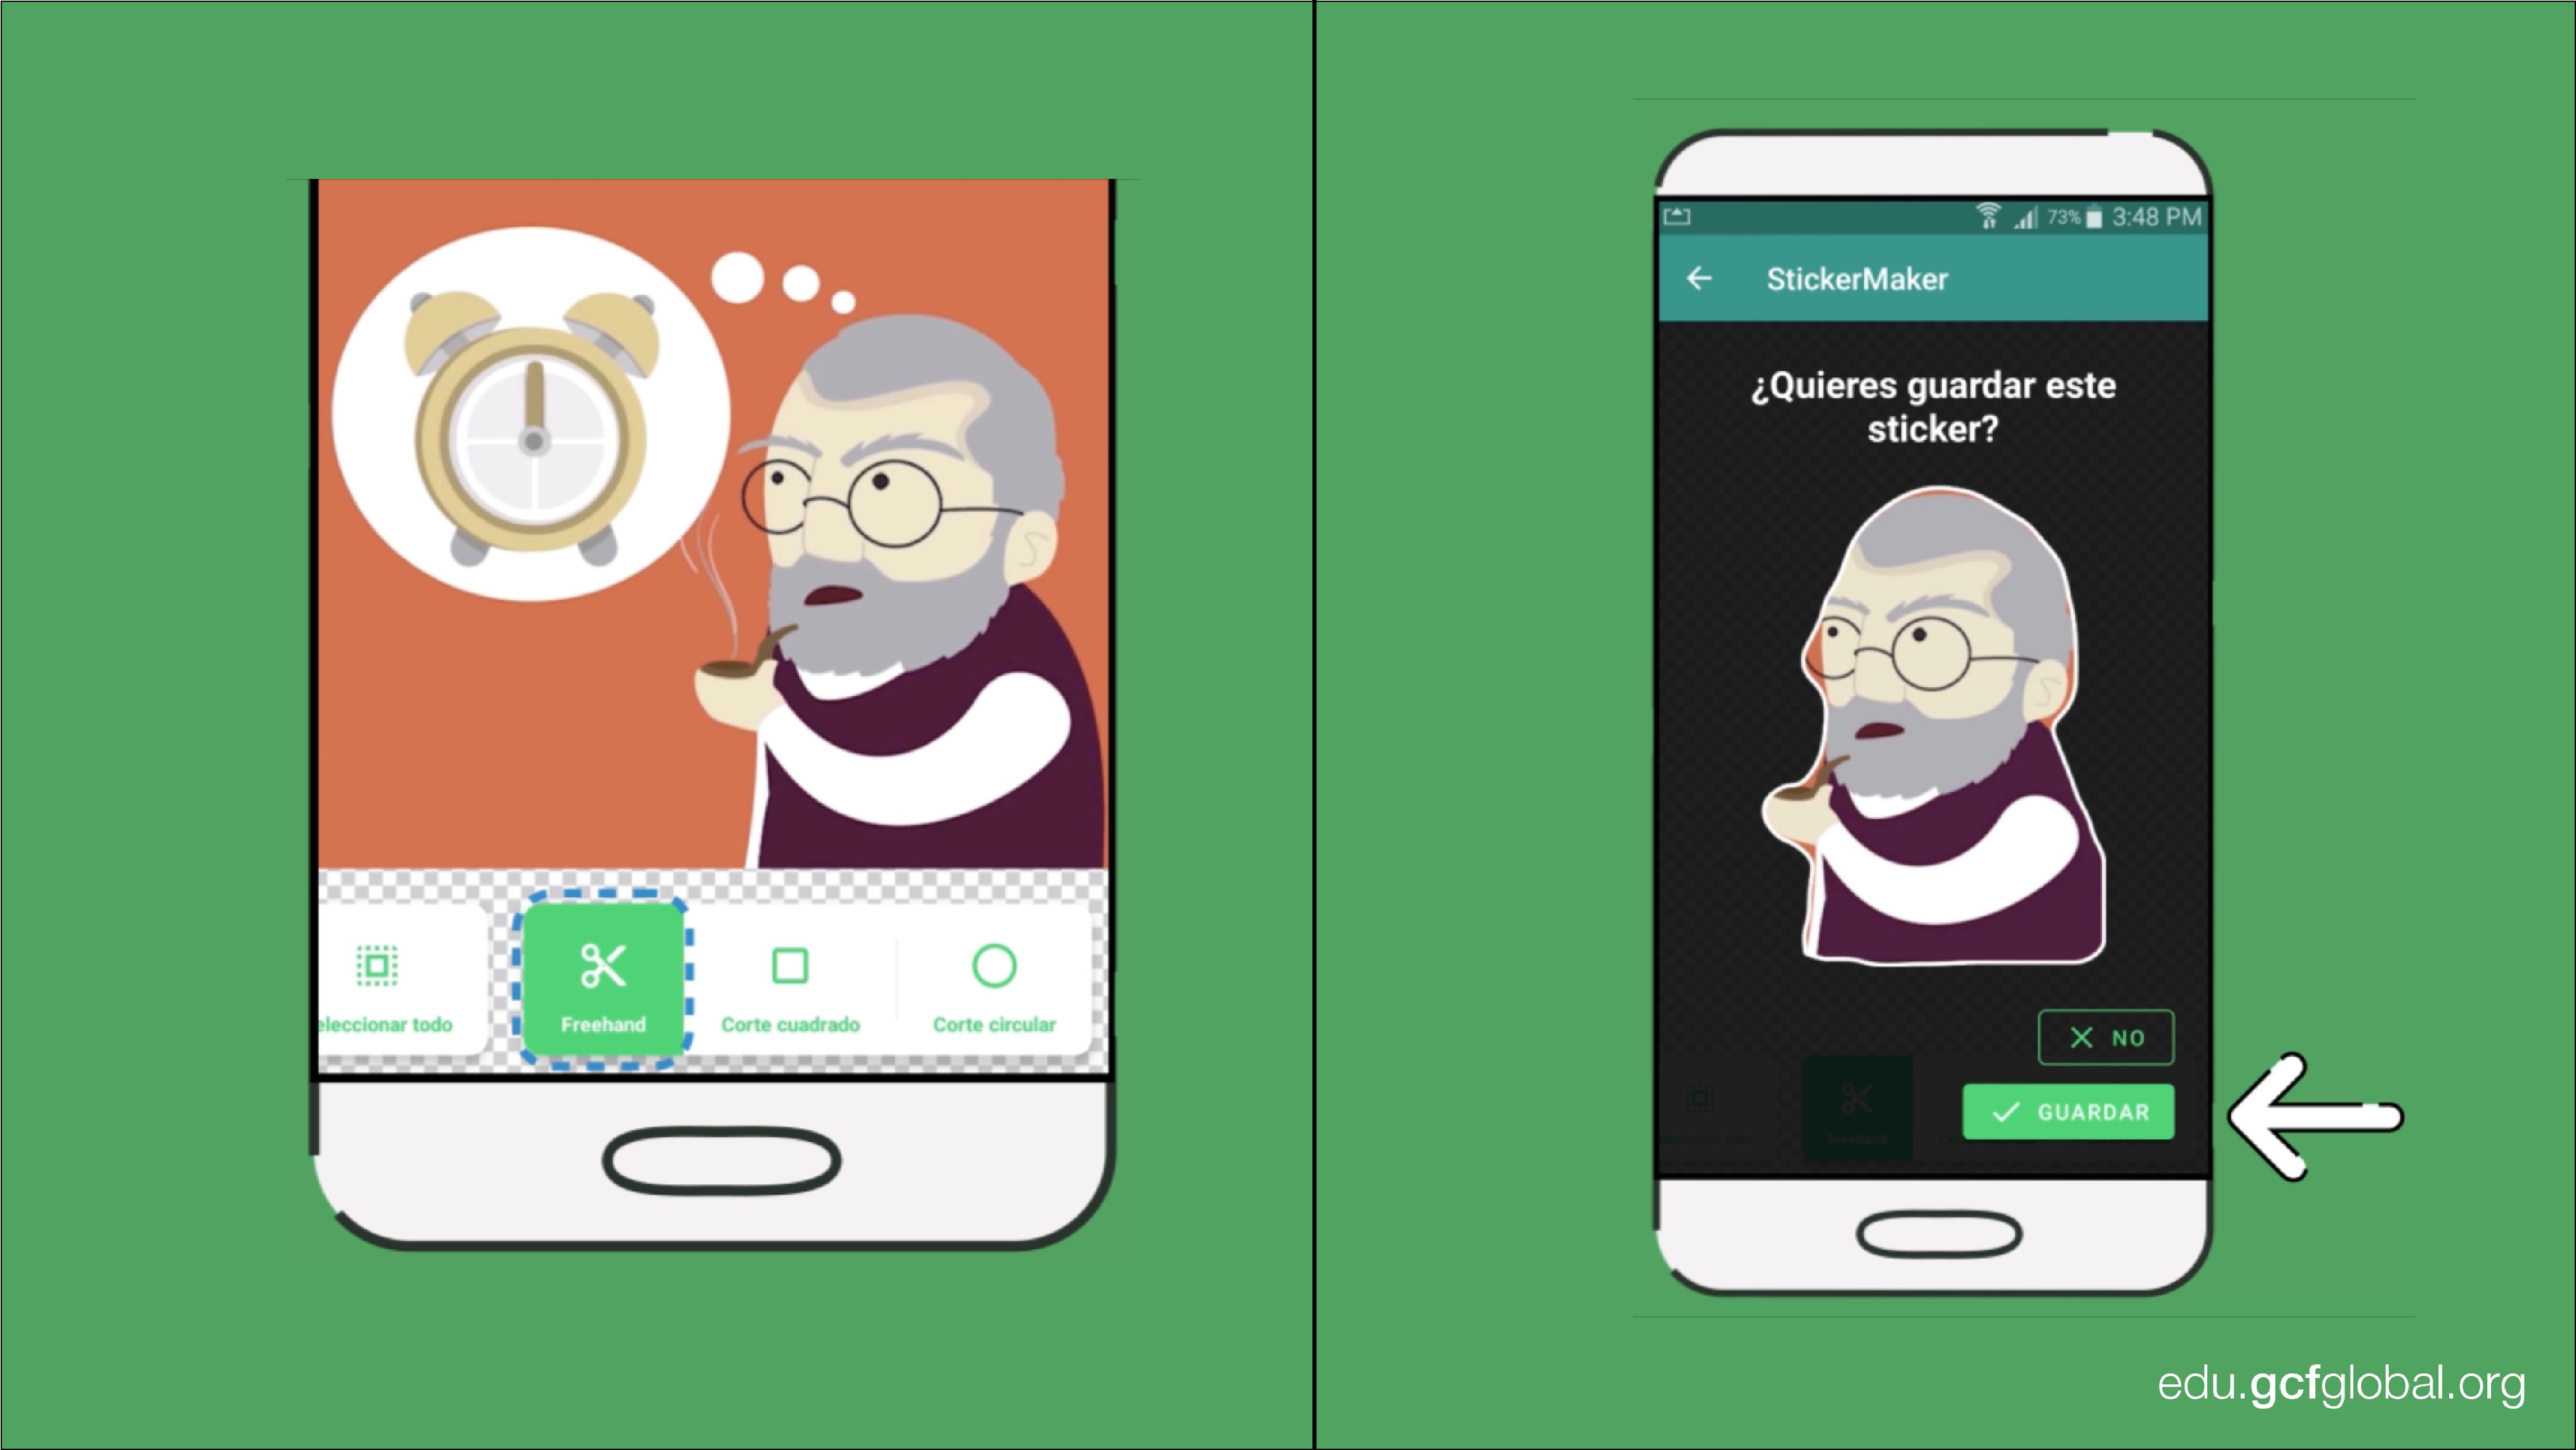 Imagen de la aplicación Sticker Maker con las opciones de recorte de imagen y guardar.